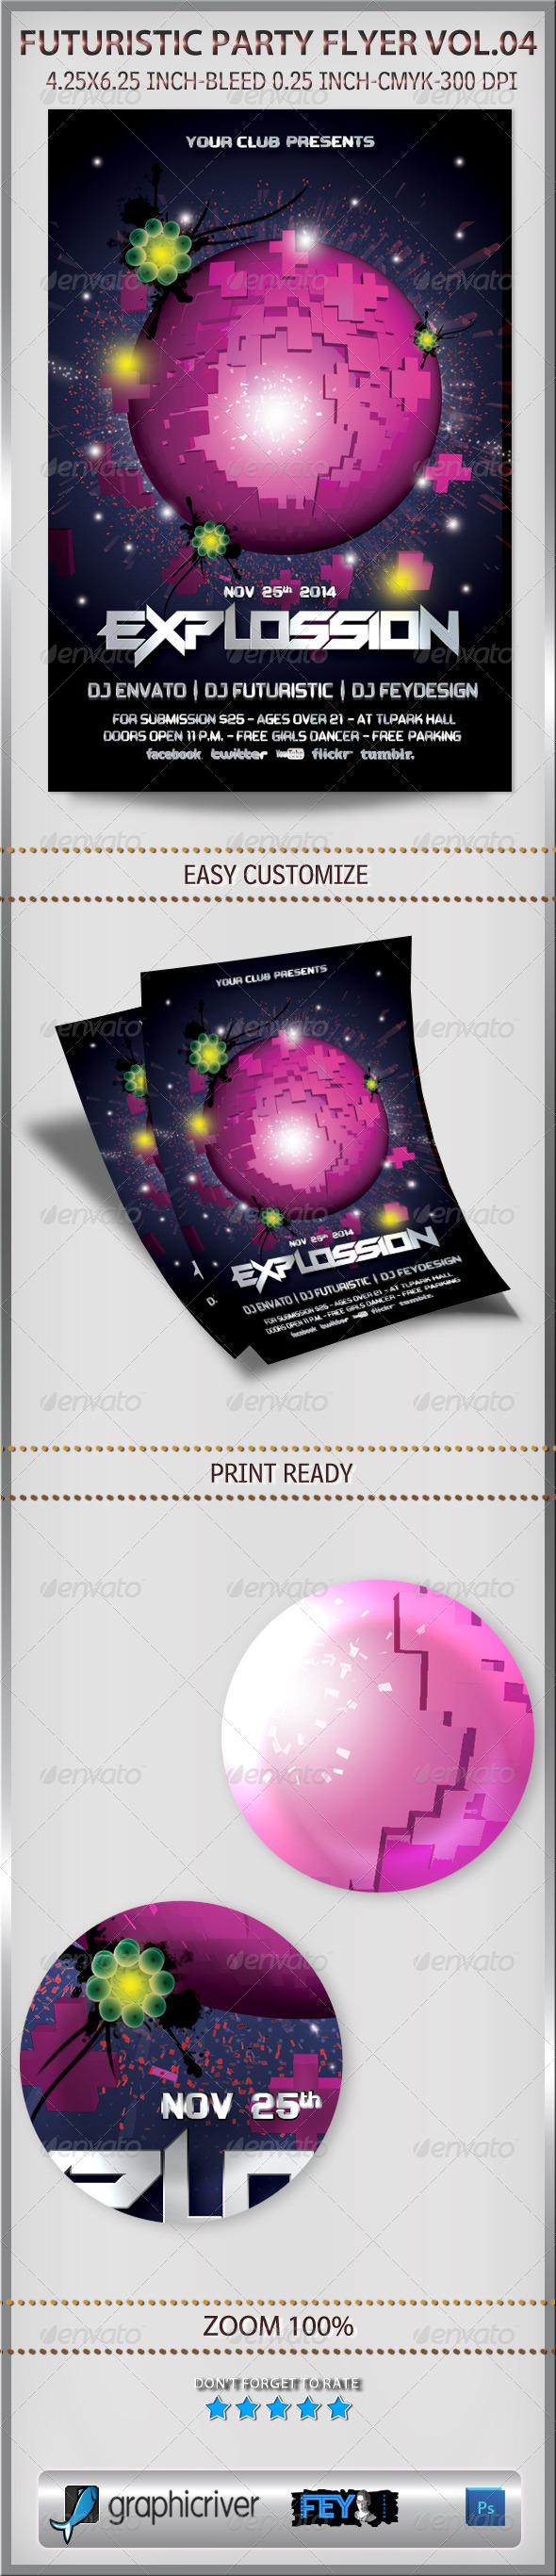 GraphicRiver Futuristic Party Flyer Vol.04 6380910